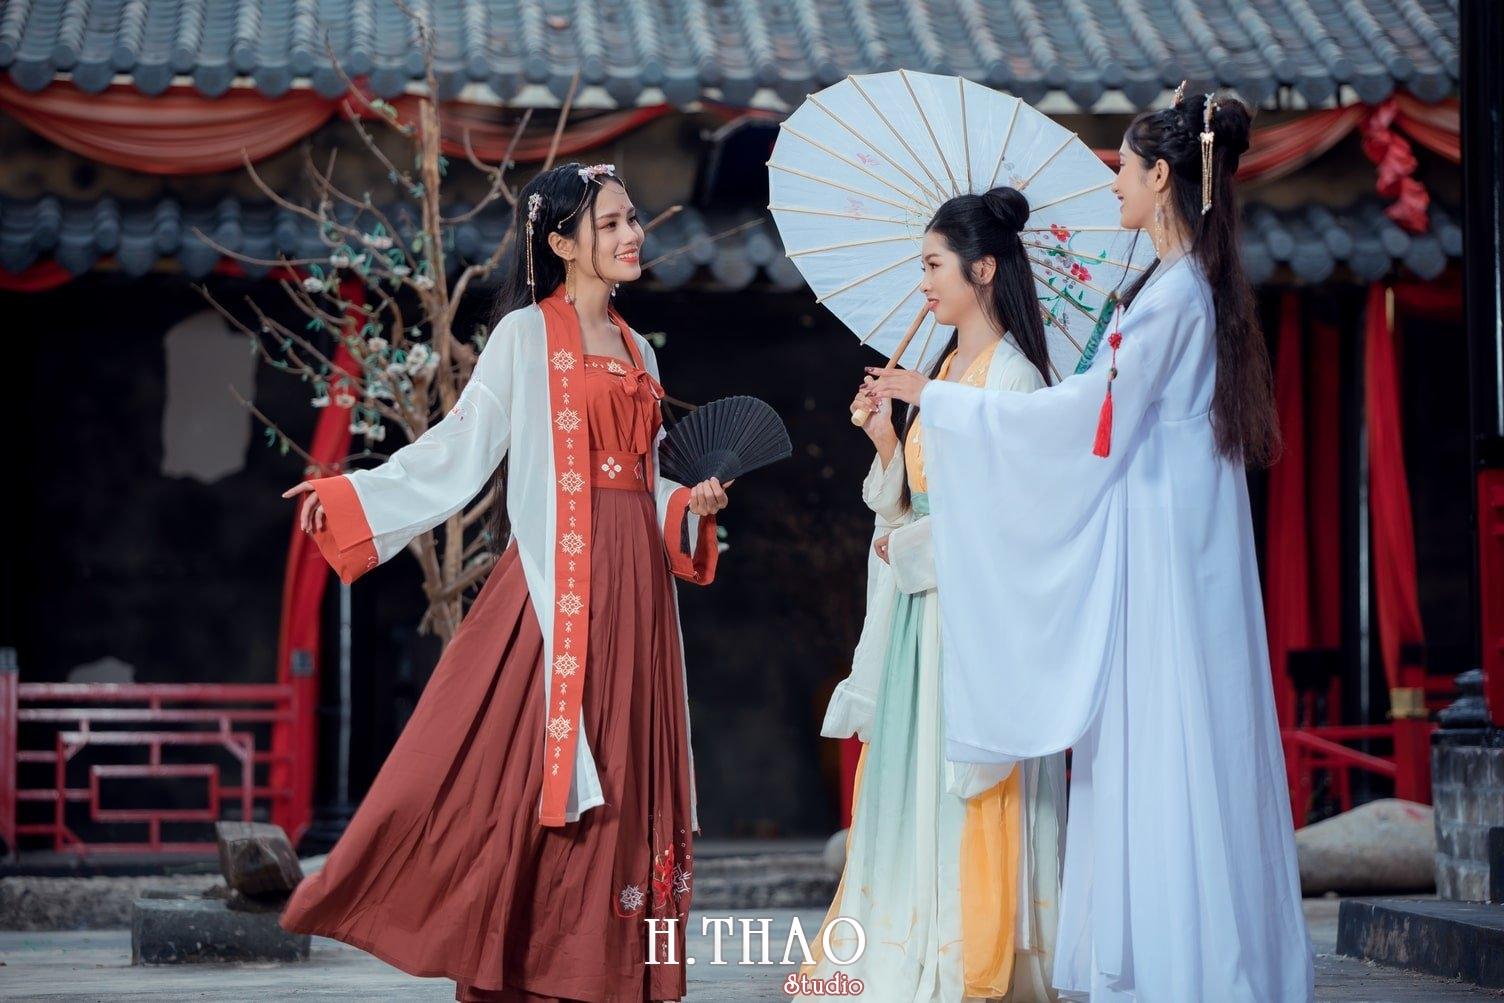 Anh tieu long nu 20 - Bộ ảnh cổ trang chụp theo concept tiểu long nữ nhẹ nhàng - HThao Studio